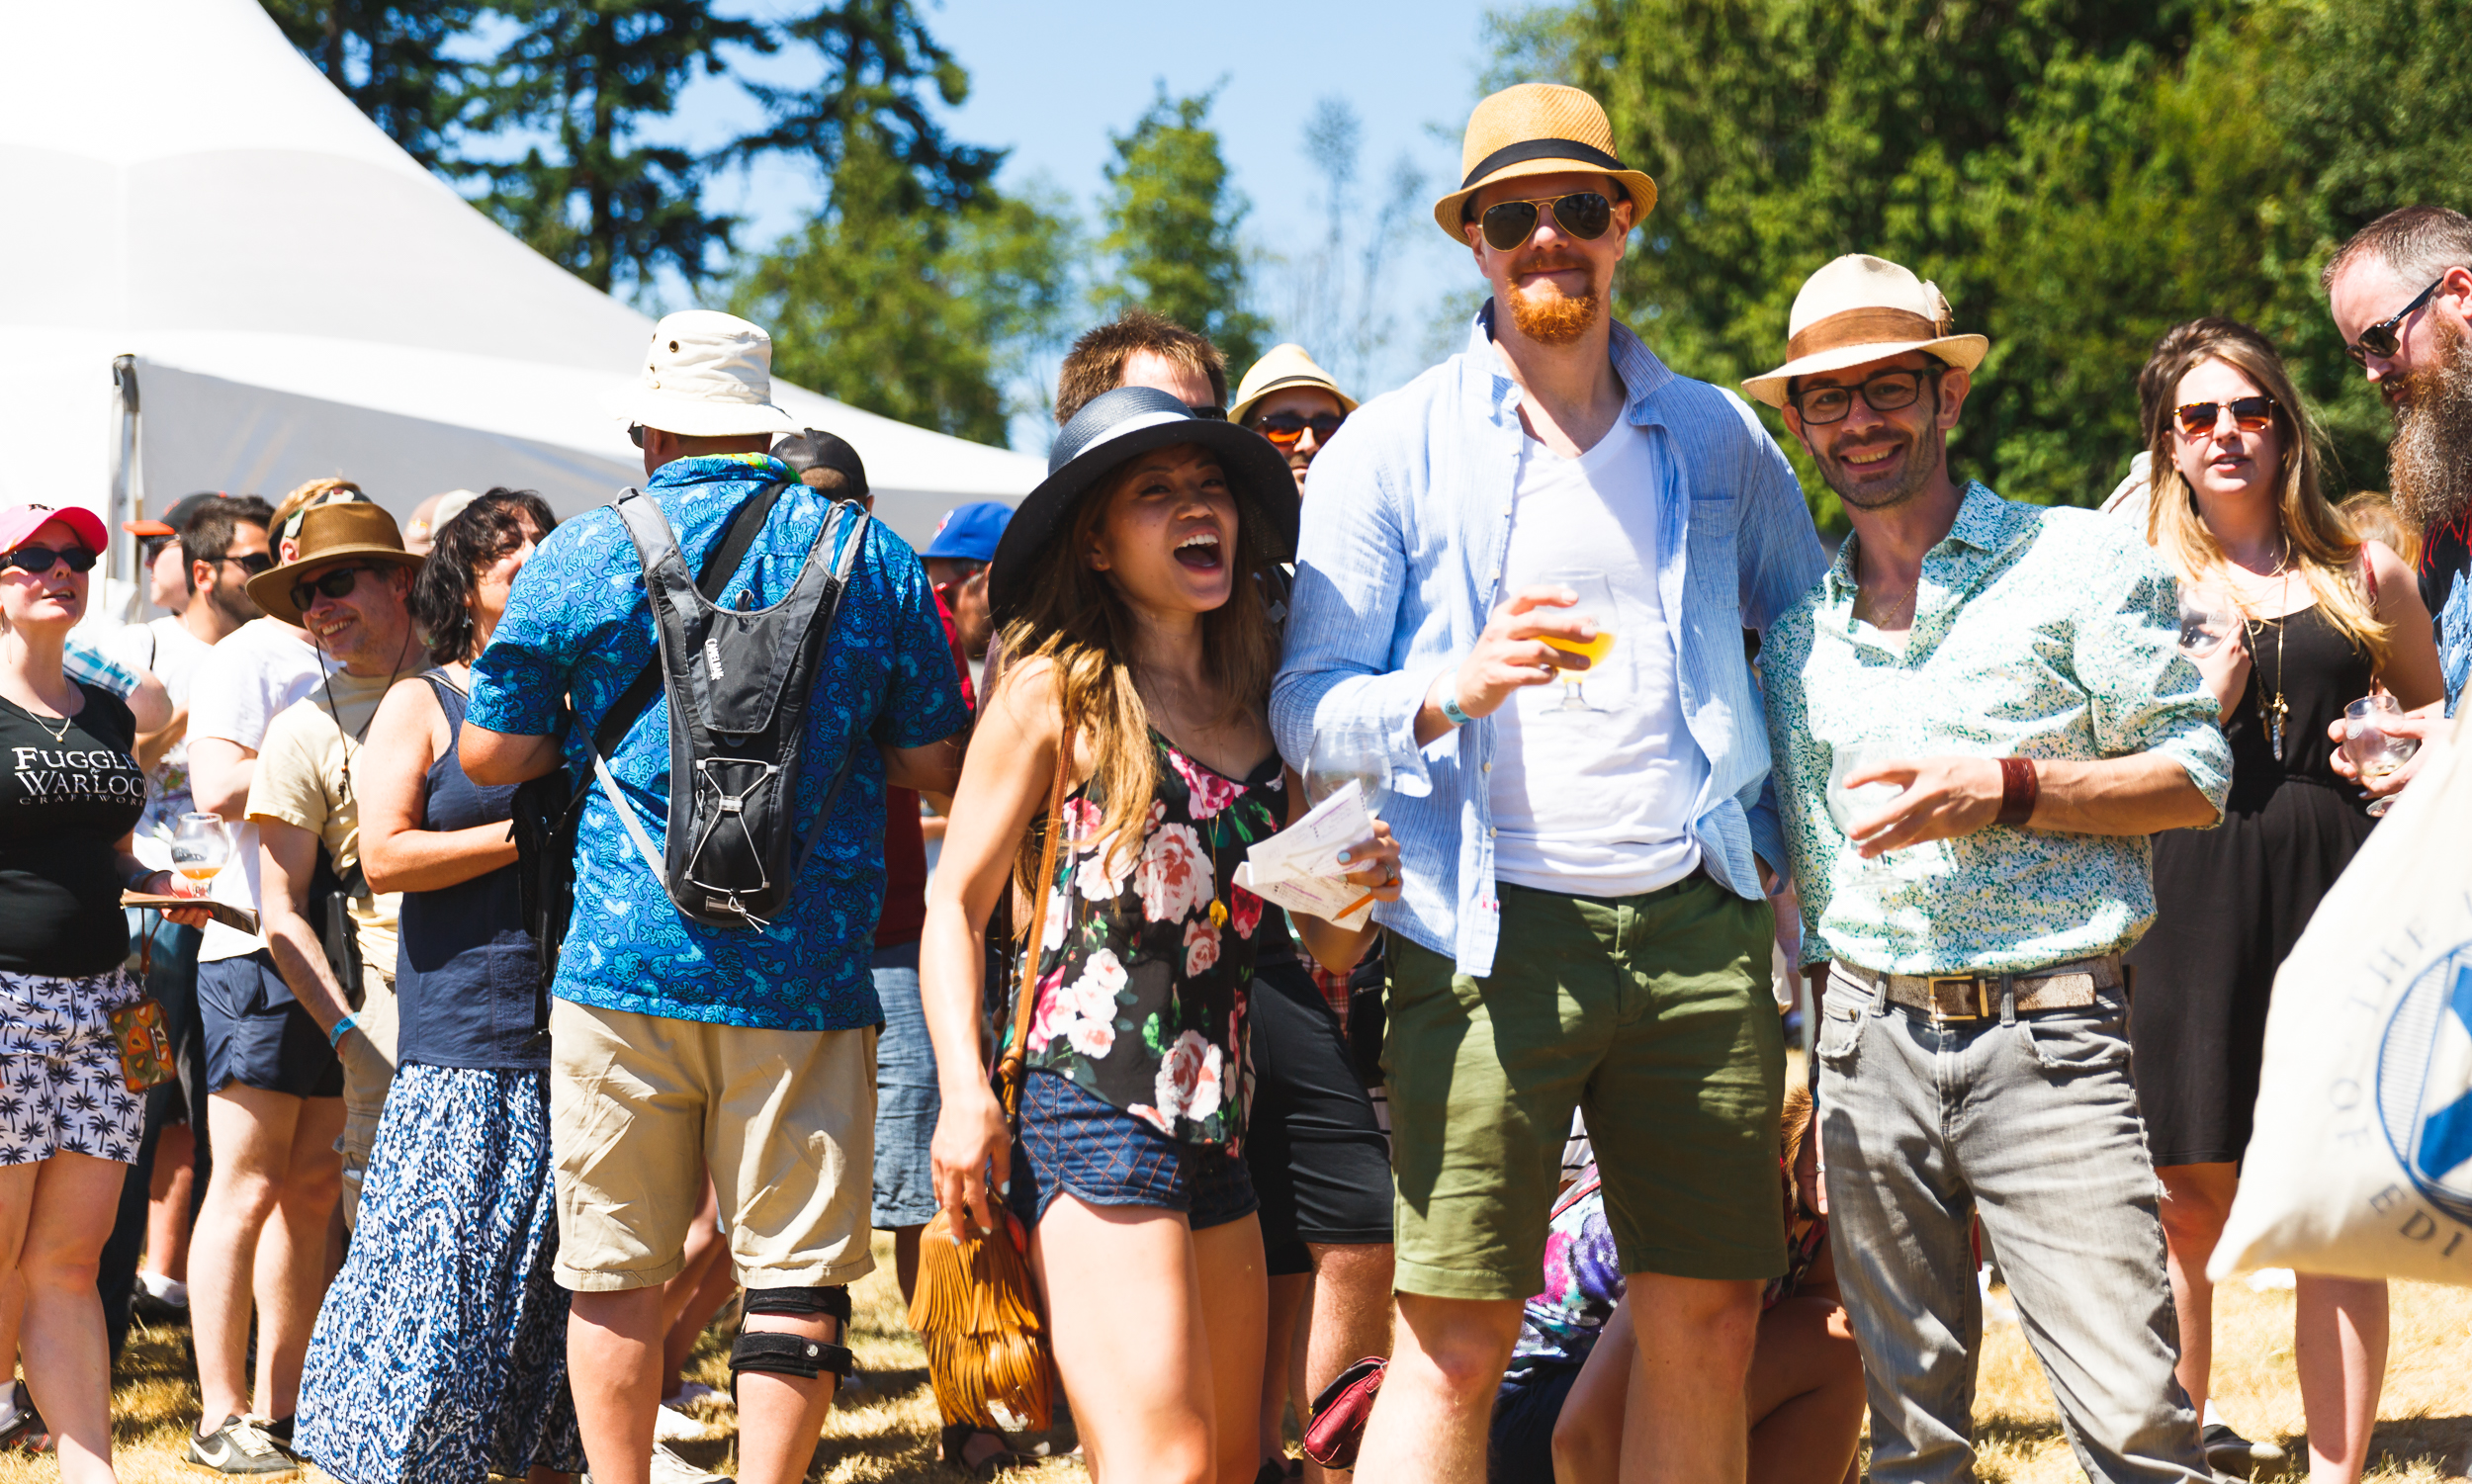 Farmhouse-Fest-Vancouver-image31.jpg